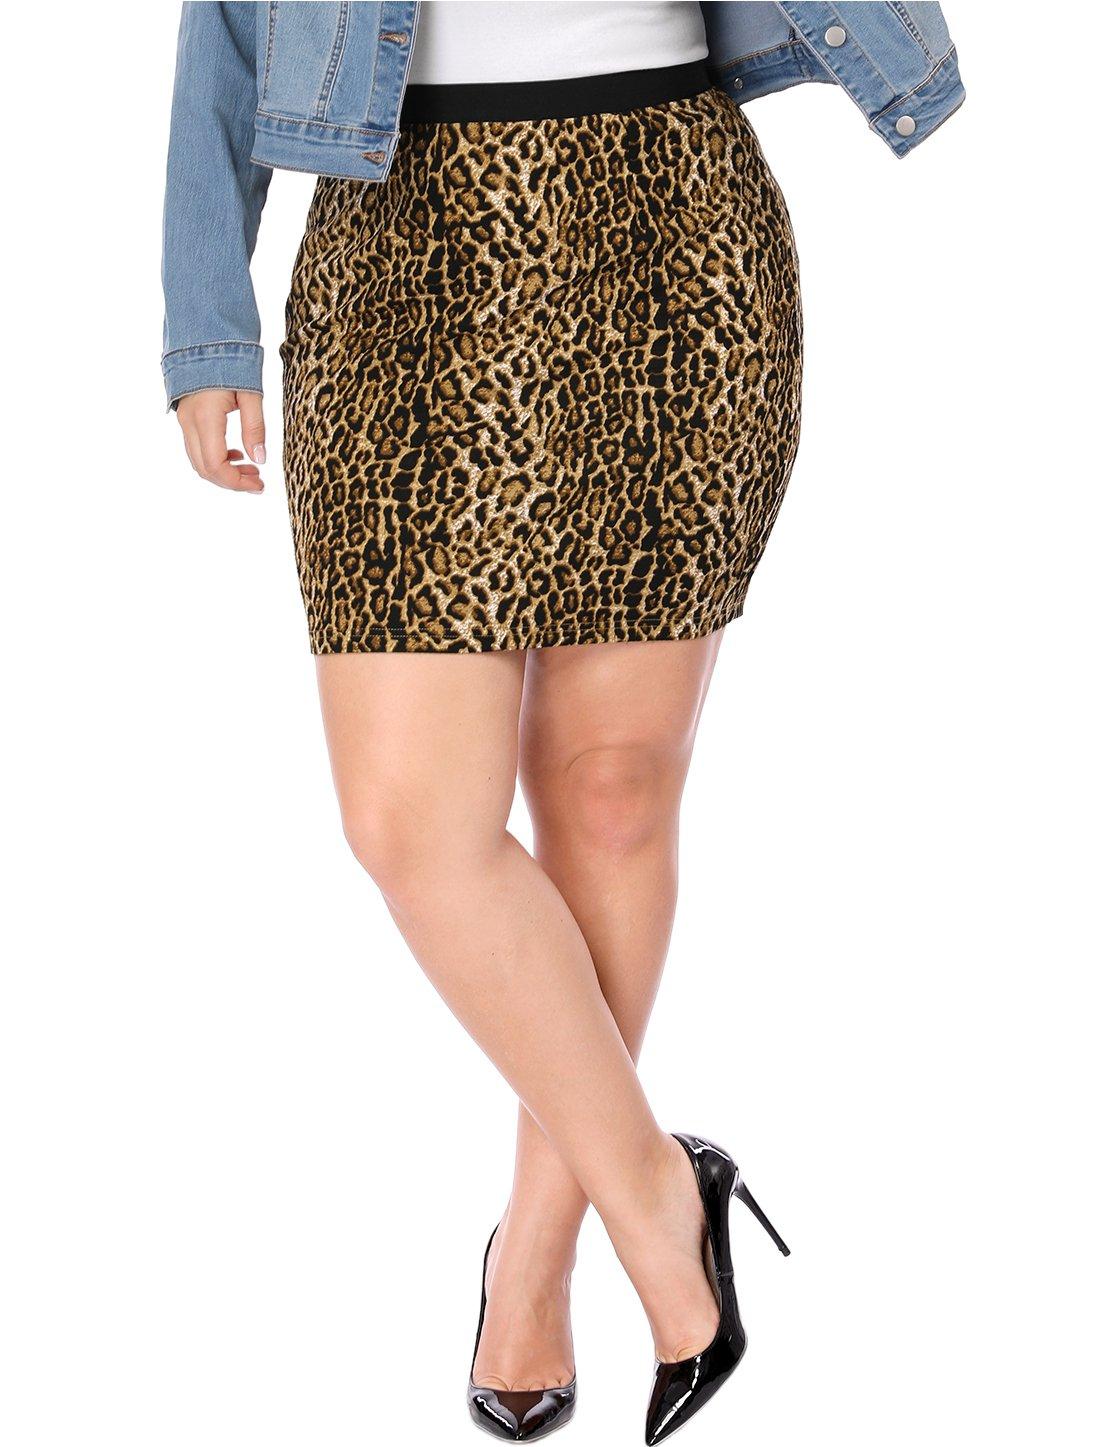 Agnes Orinda Women's Plus Size Leopard Prints Elastic Waist Pencil Skirt 3X Brown